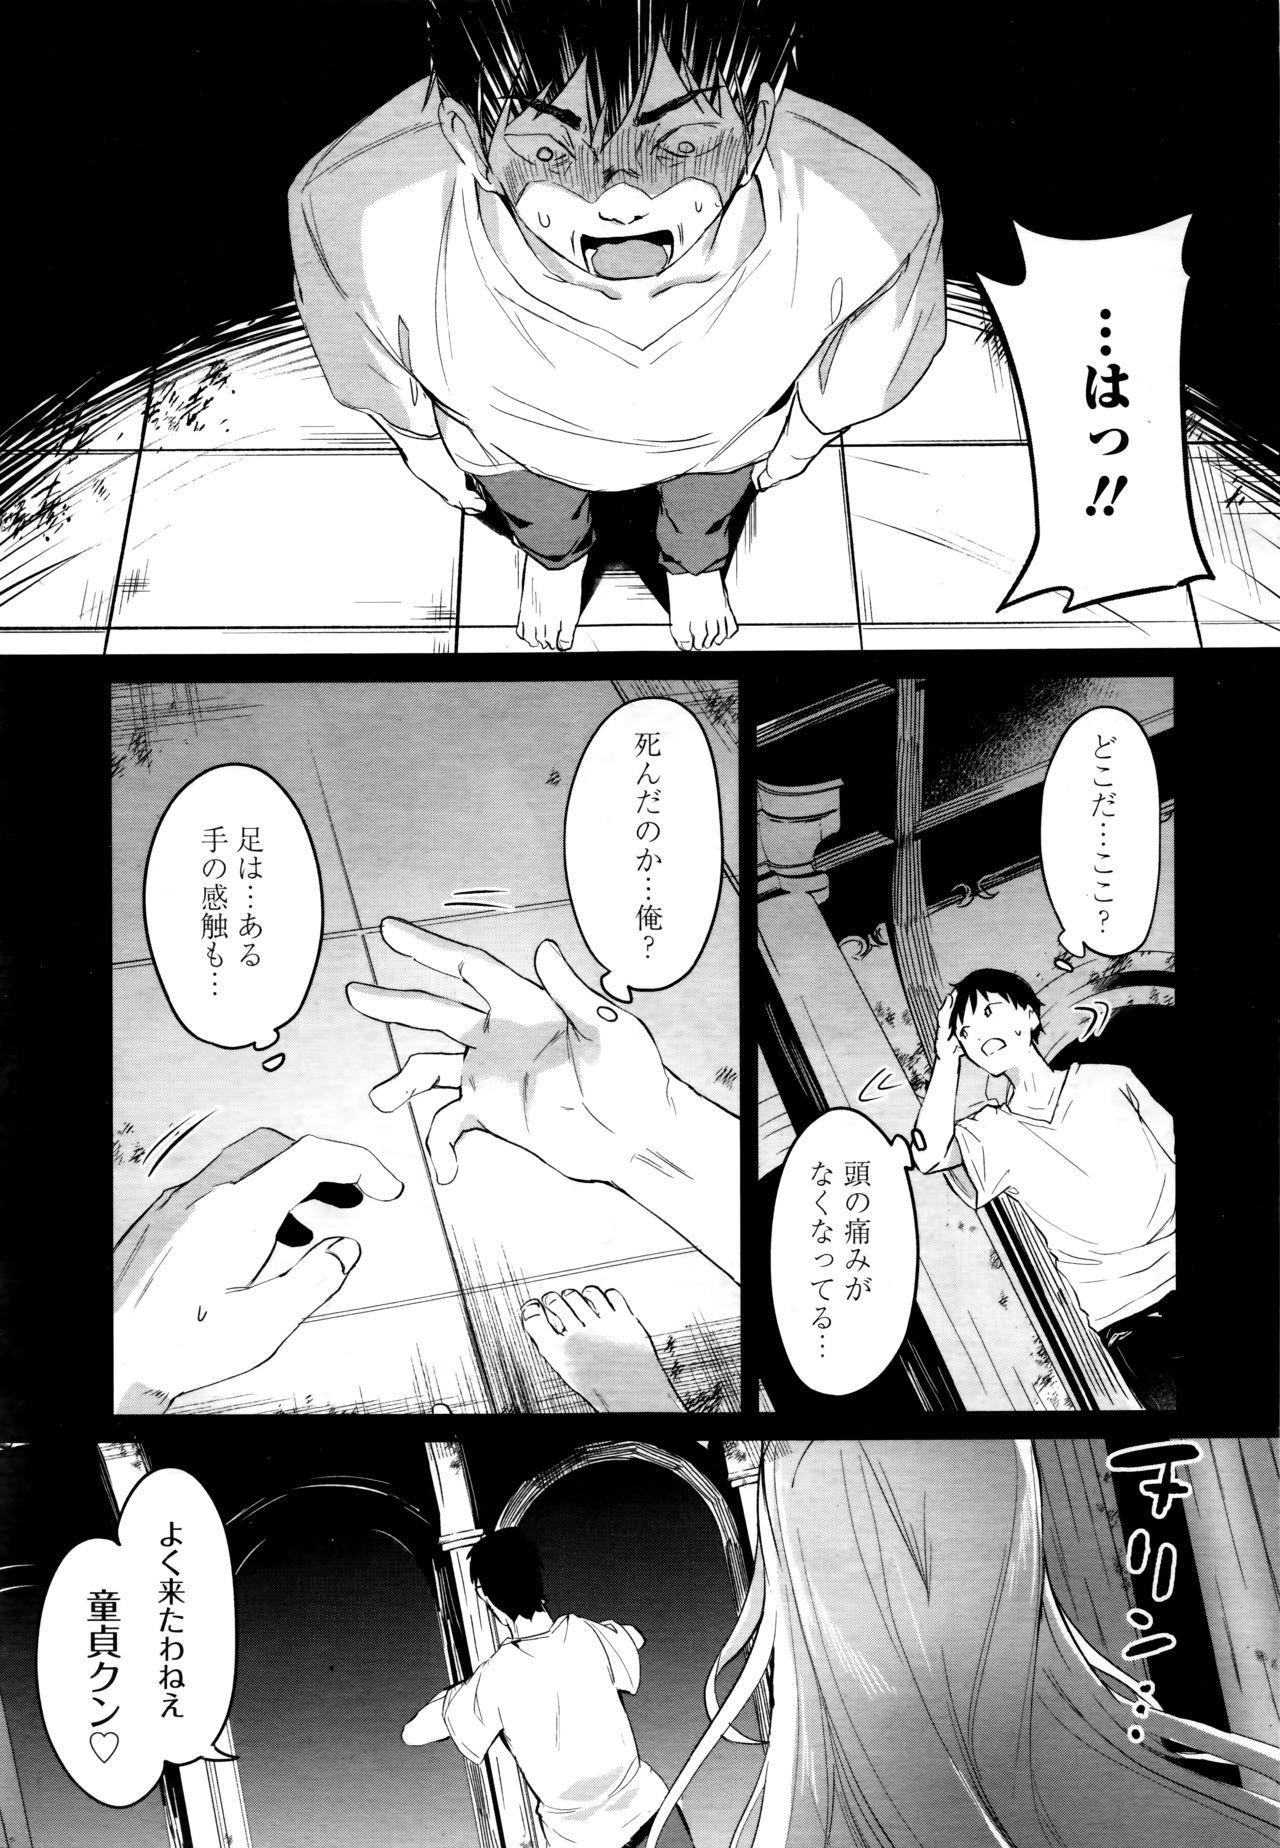 Towako 6 12